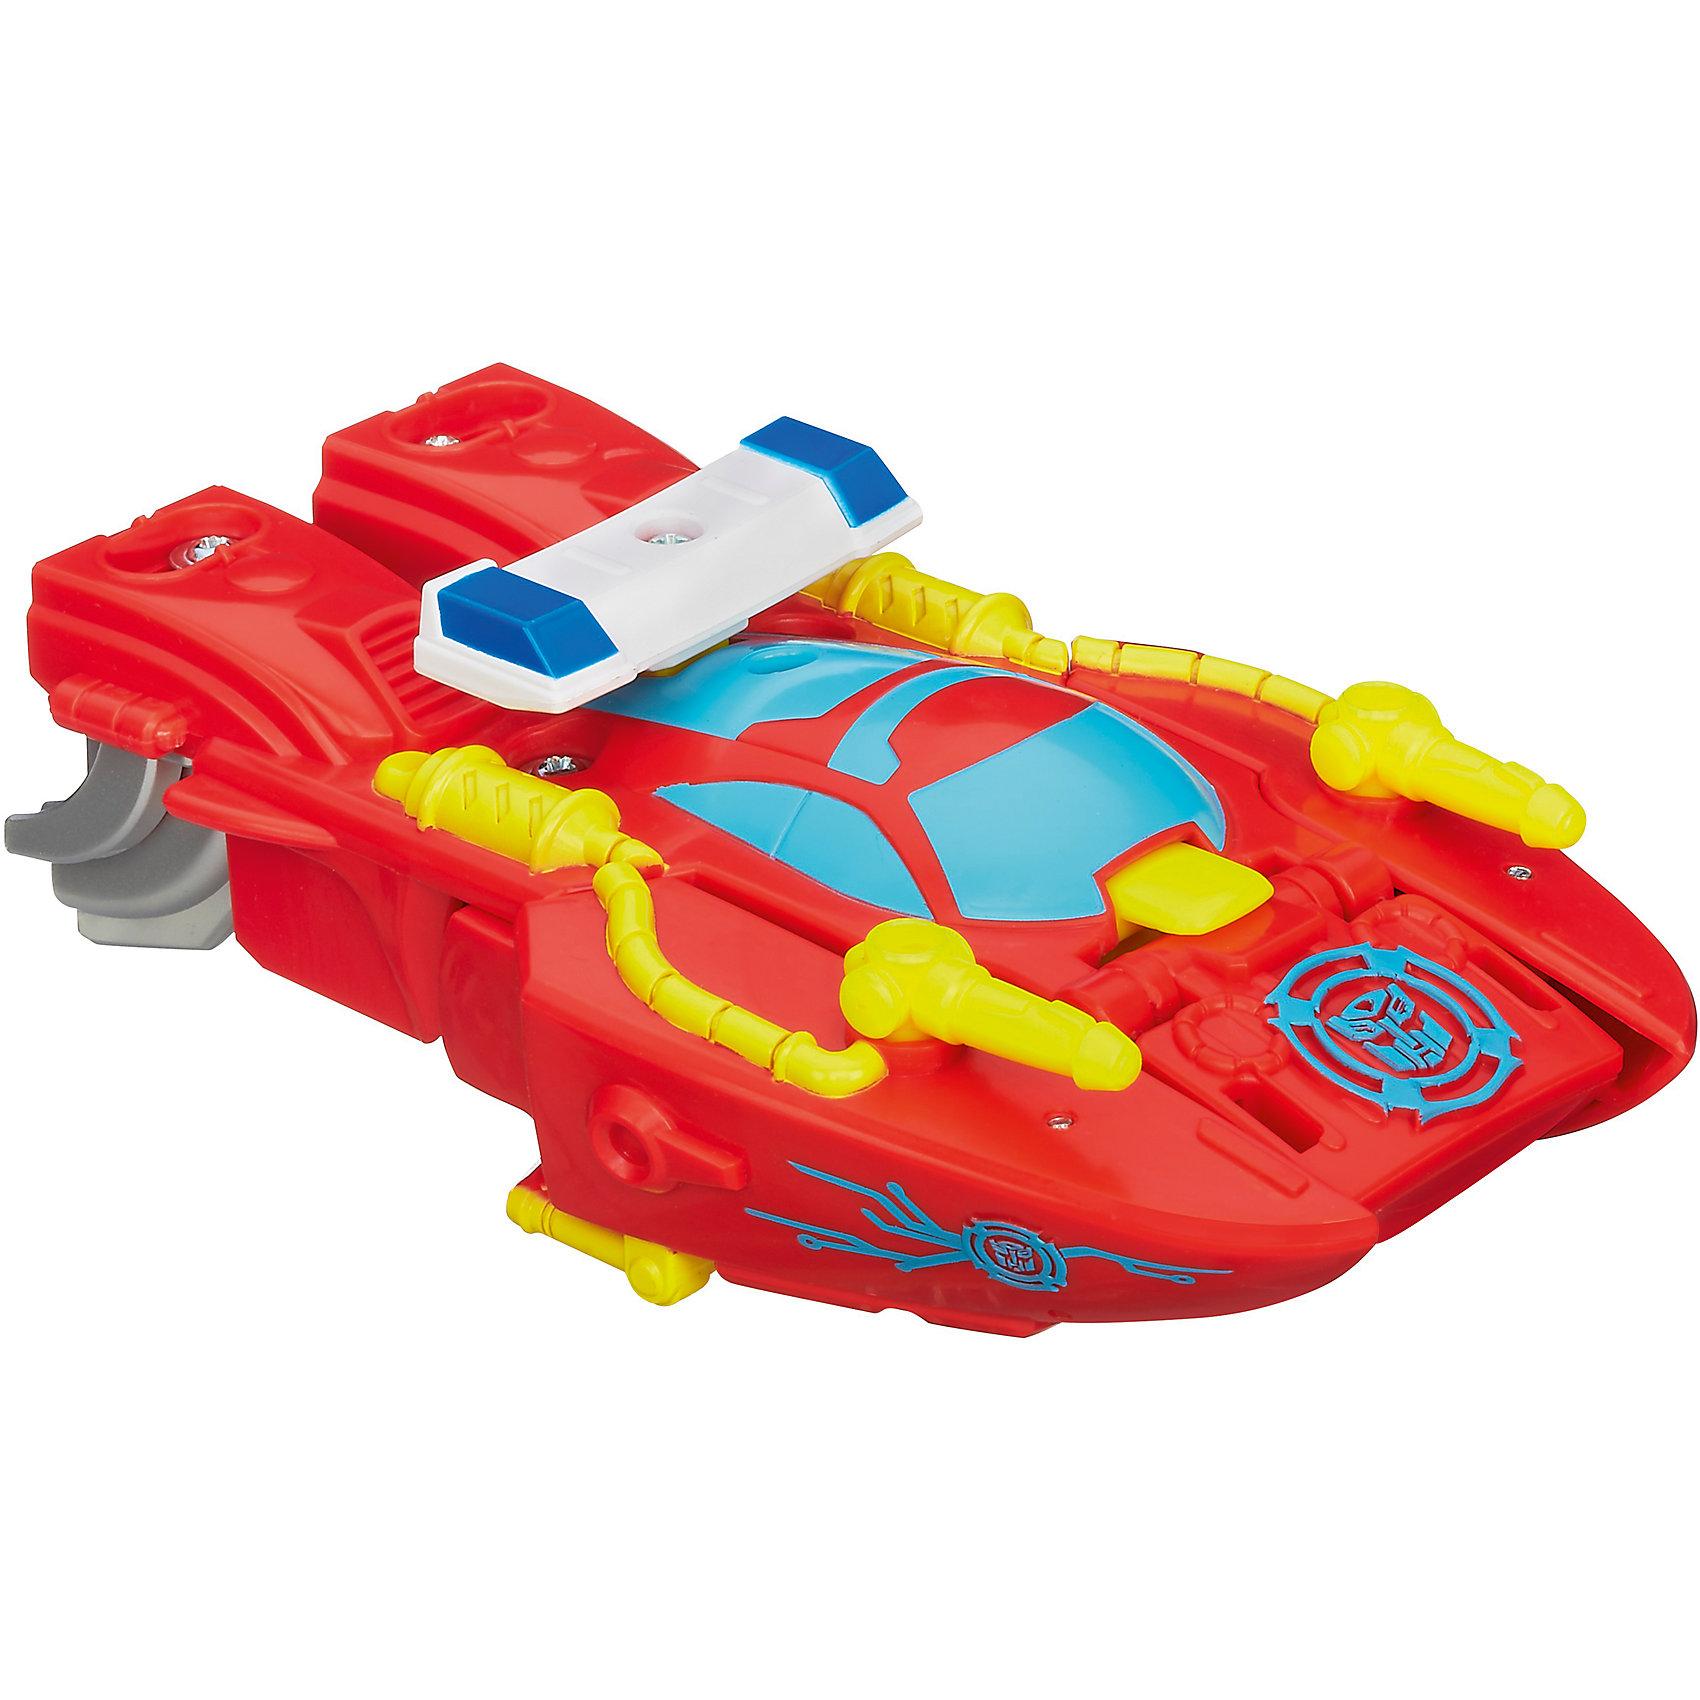 Трансформеры-динозавры, Playskool heroes, в ассортиментеТрансформеры-динозавры от Playskool (Плейскул) порадуют всех поклонников фильма о приключениях Трансформеров (Transformers). Фигурки легко превращаются из роботов в динозавров и обратно. Эта игрушка не только понравится всем мальчишкам, она поможет развить мелкую моторику и внимание ребенка. Выполнена из высококачественного прочного пластика, безопасного для детей.  <br><br>Дополнительная информация:<br><br>- Материал: пластик, металл.<br>- Размах крыльев: 13 см. <br><br>ВНИМАНИЕ! Данный артикул представлен в разных вариантах исполнения. К сожалению, заранее выбрать определенный вариант невозможно. При заказе нескольких игрушек  возможно получение одинаковых.<br><br>Мини трансформеров-динозавров, Playskool heroes, (Плейскул герои) в ассортименте можно купить в нашем магазине.<br><br>Ширина мм: 58<br>Глубина мм: 162<br>Высота мм: 241<br>Вес г: 140<br>Возраст от месяцев: 36<br>Возраст до месяцев: 84<br>Пол: Мужской<br>Возраст: Детский<br>SKU: 3971696